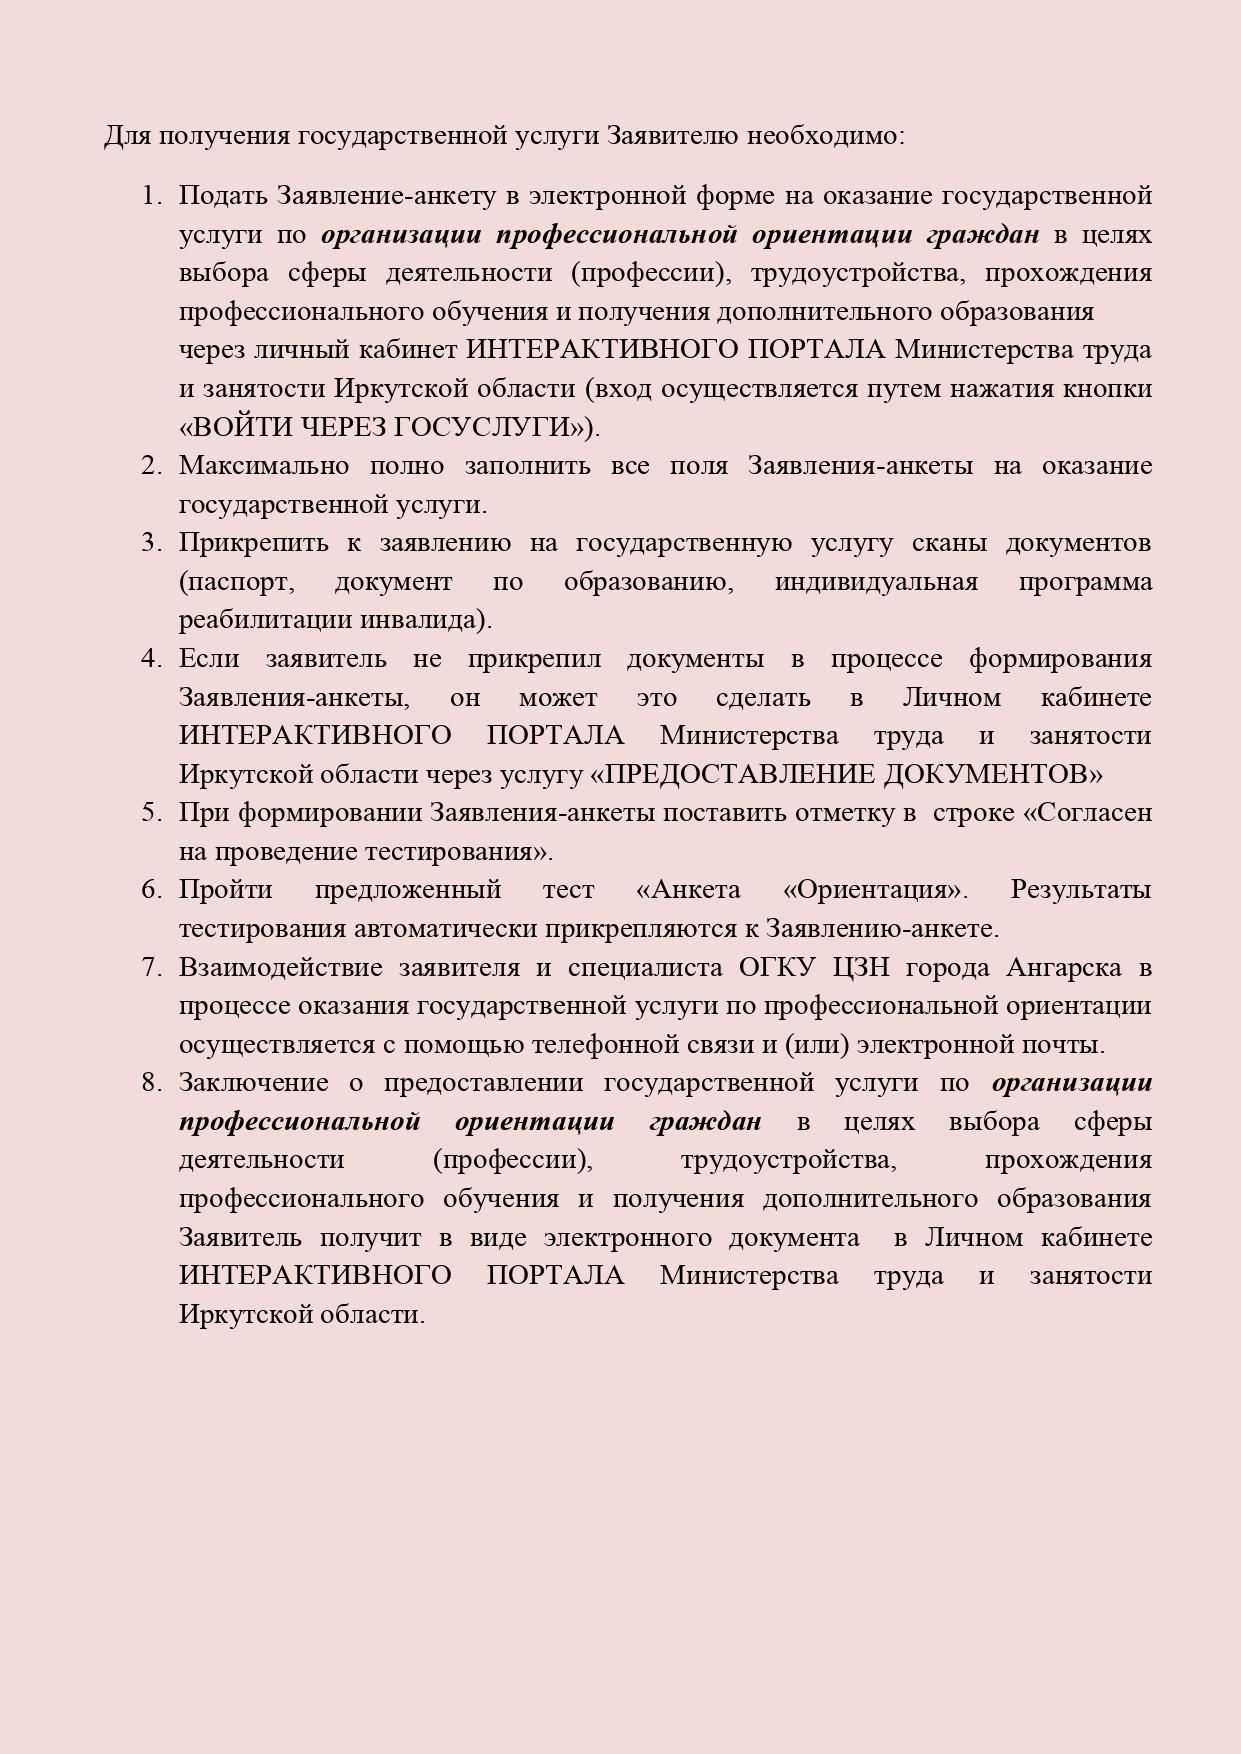 В целях обеспечения возможности дистанционной работы с гражданами_page-0002